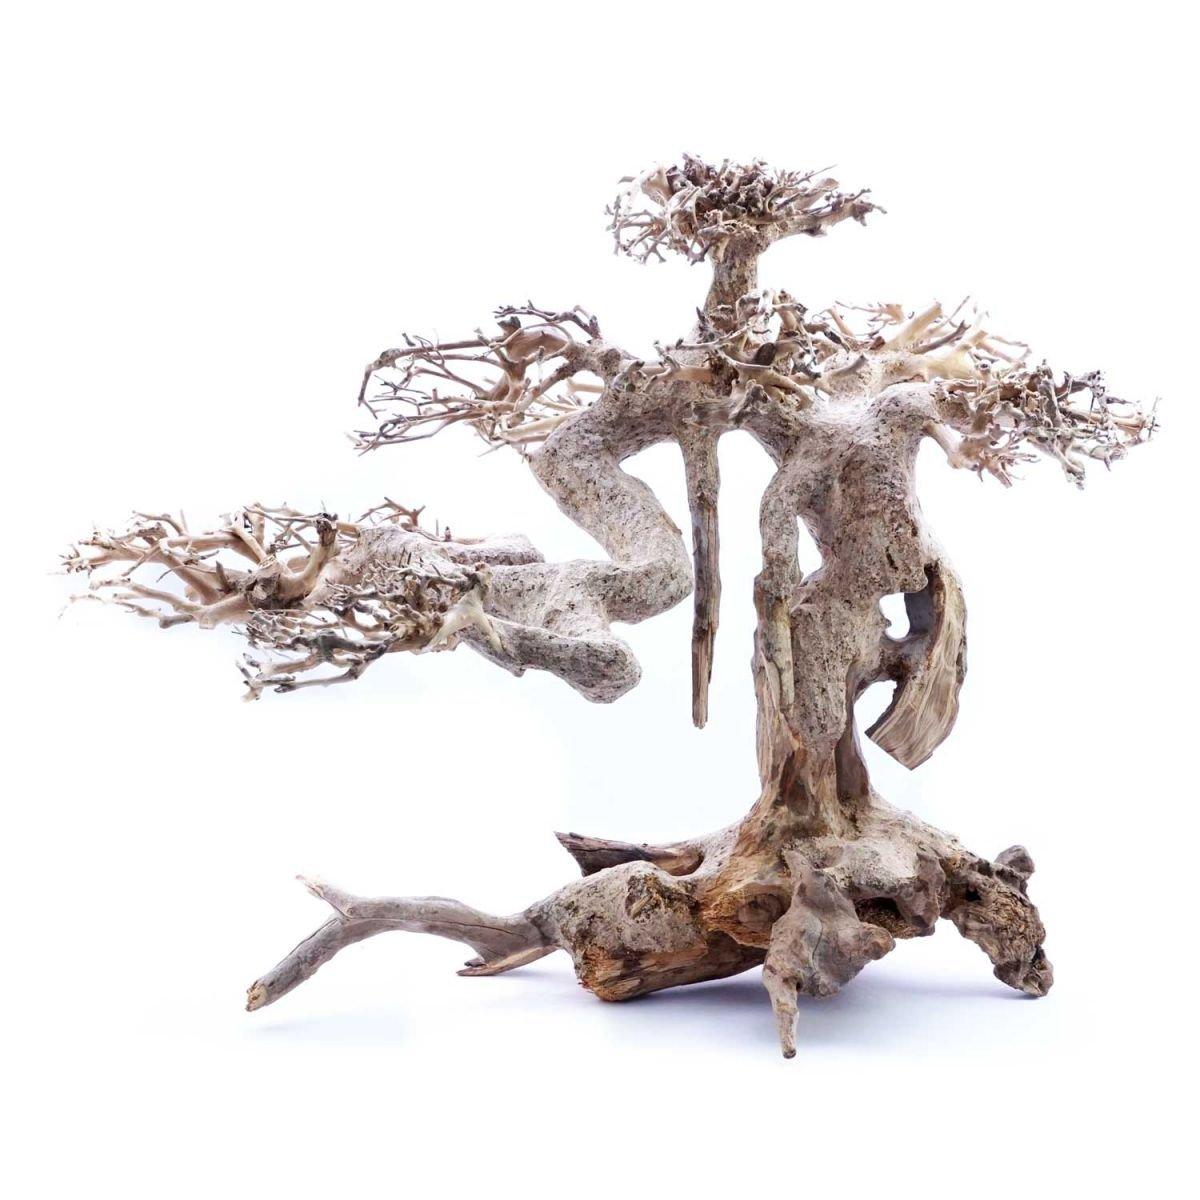 spedizione veloce in tutto il mondo Superfish naturale legno bonsai Driftwood Driftwood Driftwood Large 30 x 20 x 25...  fino al 60% di sconto